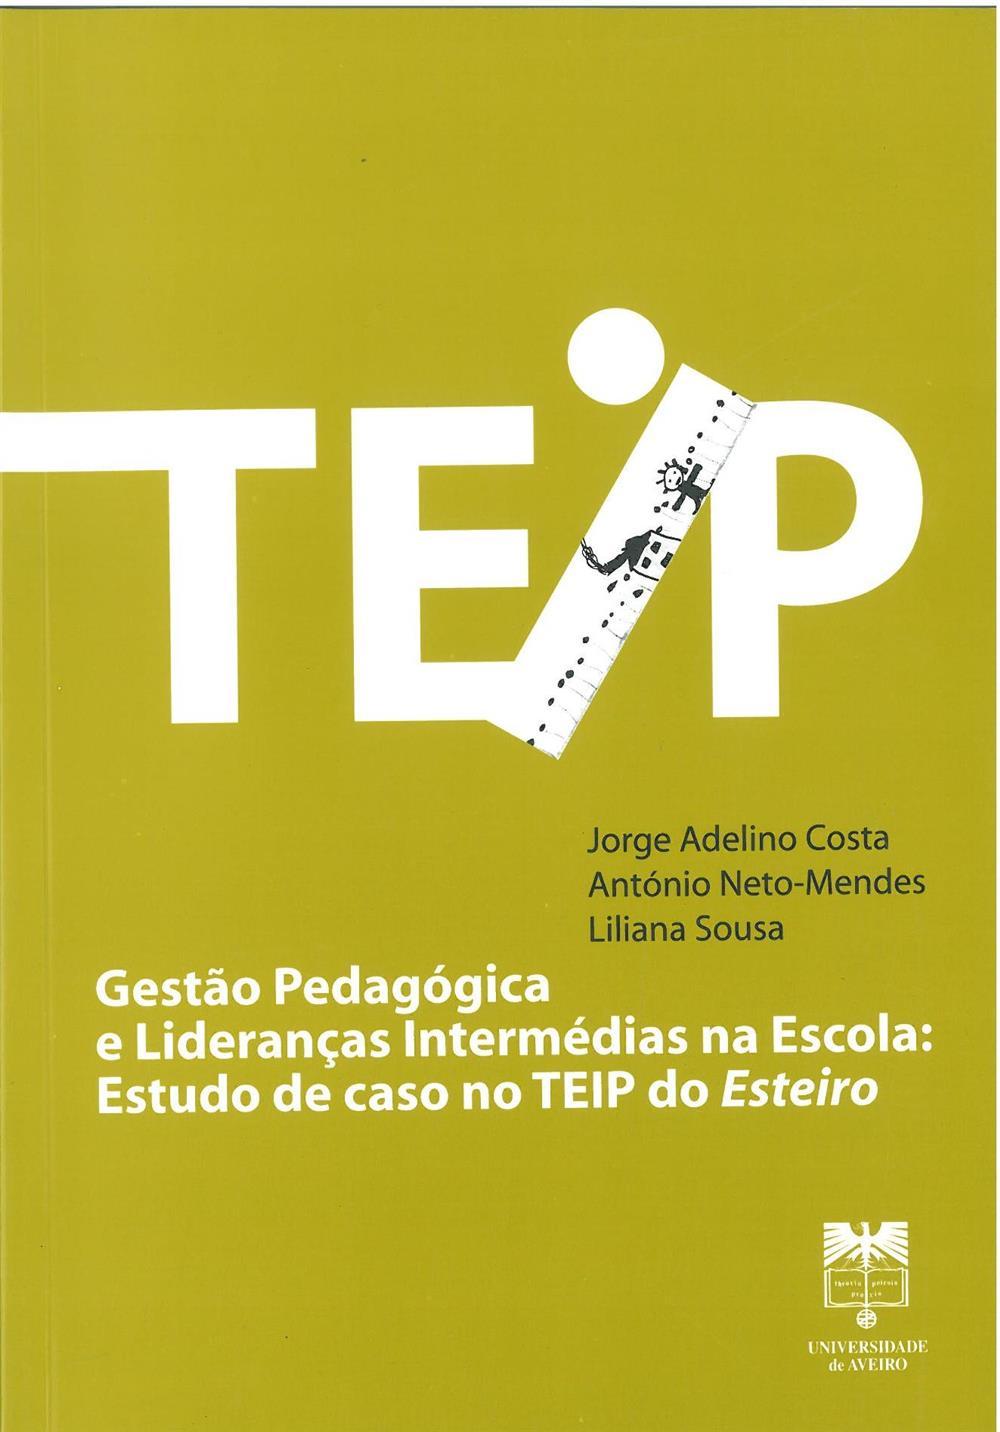 Gestão pedagógica e lideranças intermédias na escola_.jpg